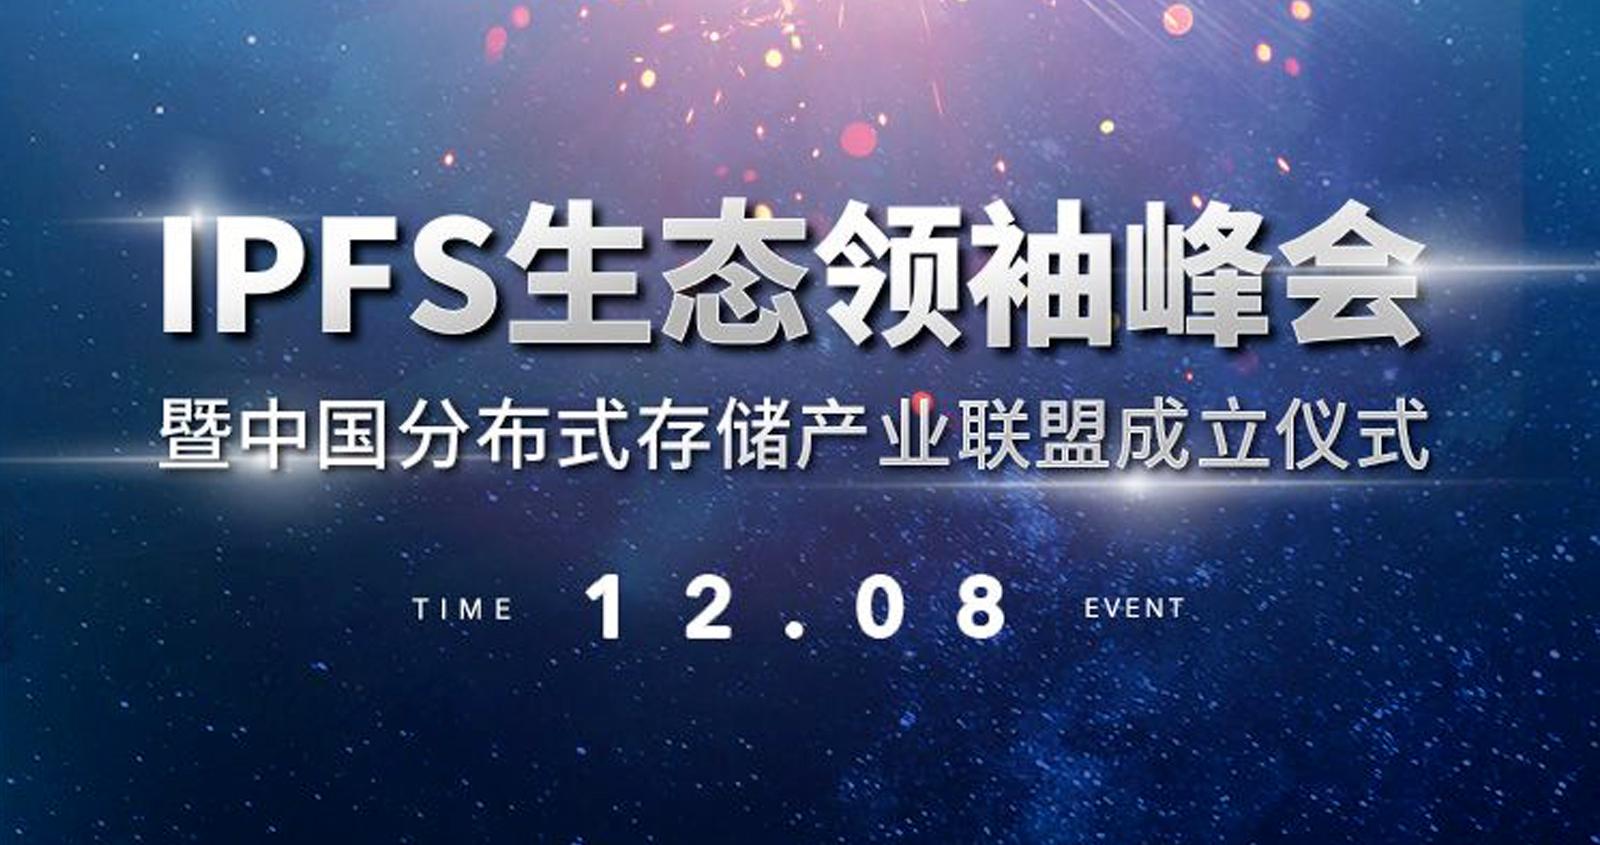 IPFS生态领袖峰会&中国分布式存储产业联盟成立仪式即将举行